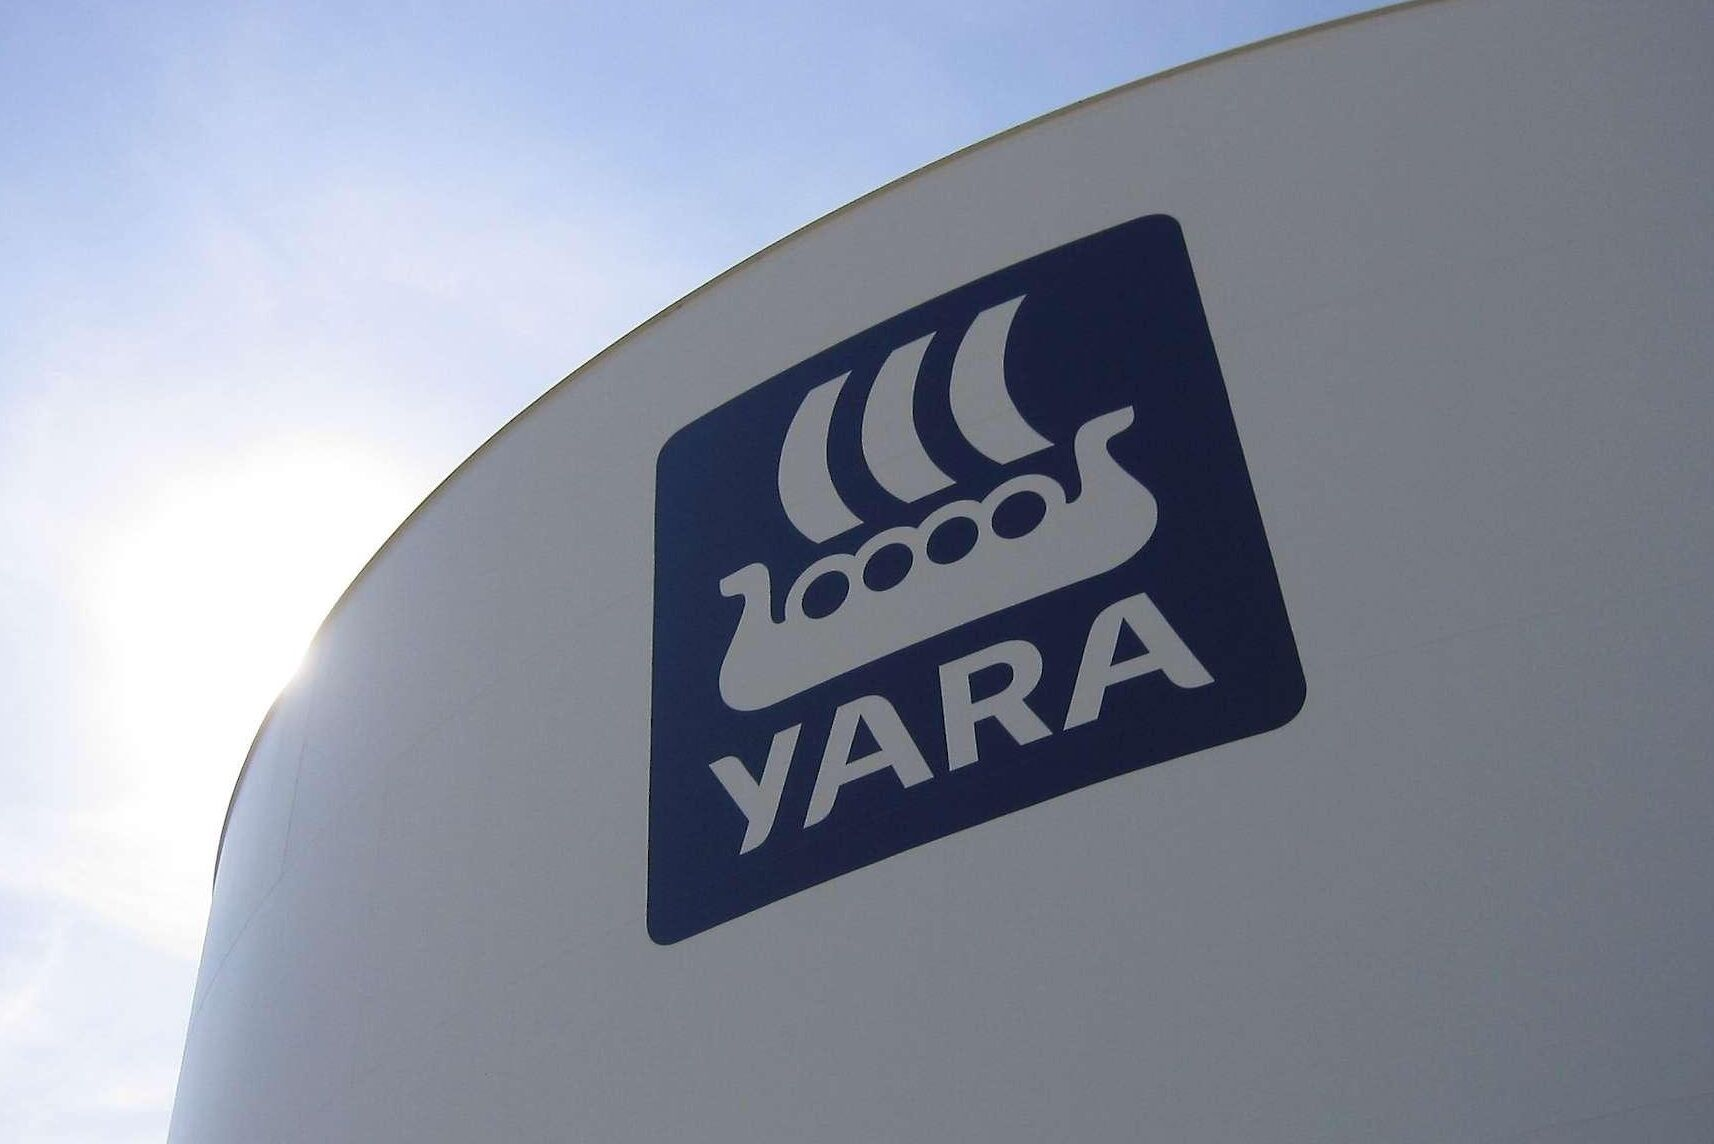 Yaras nettoomsättning landade på 3 491 miljoner dollar för tredje kvartalet 2019.